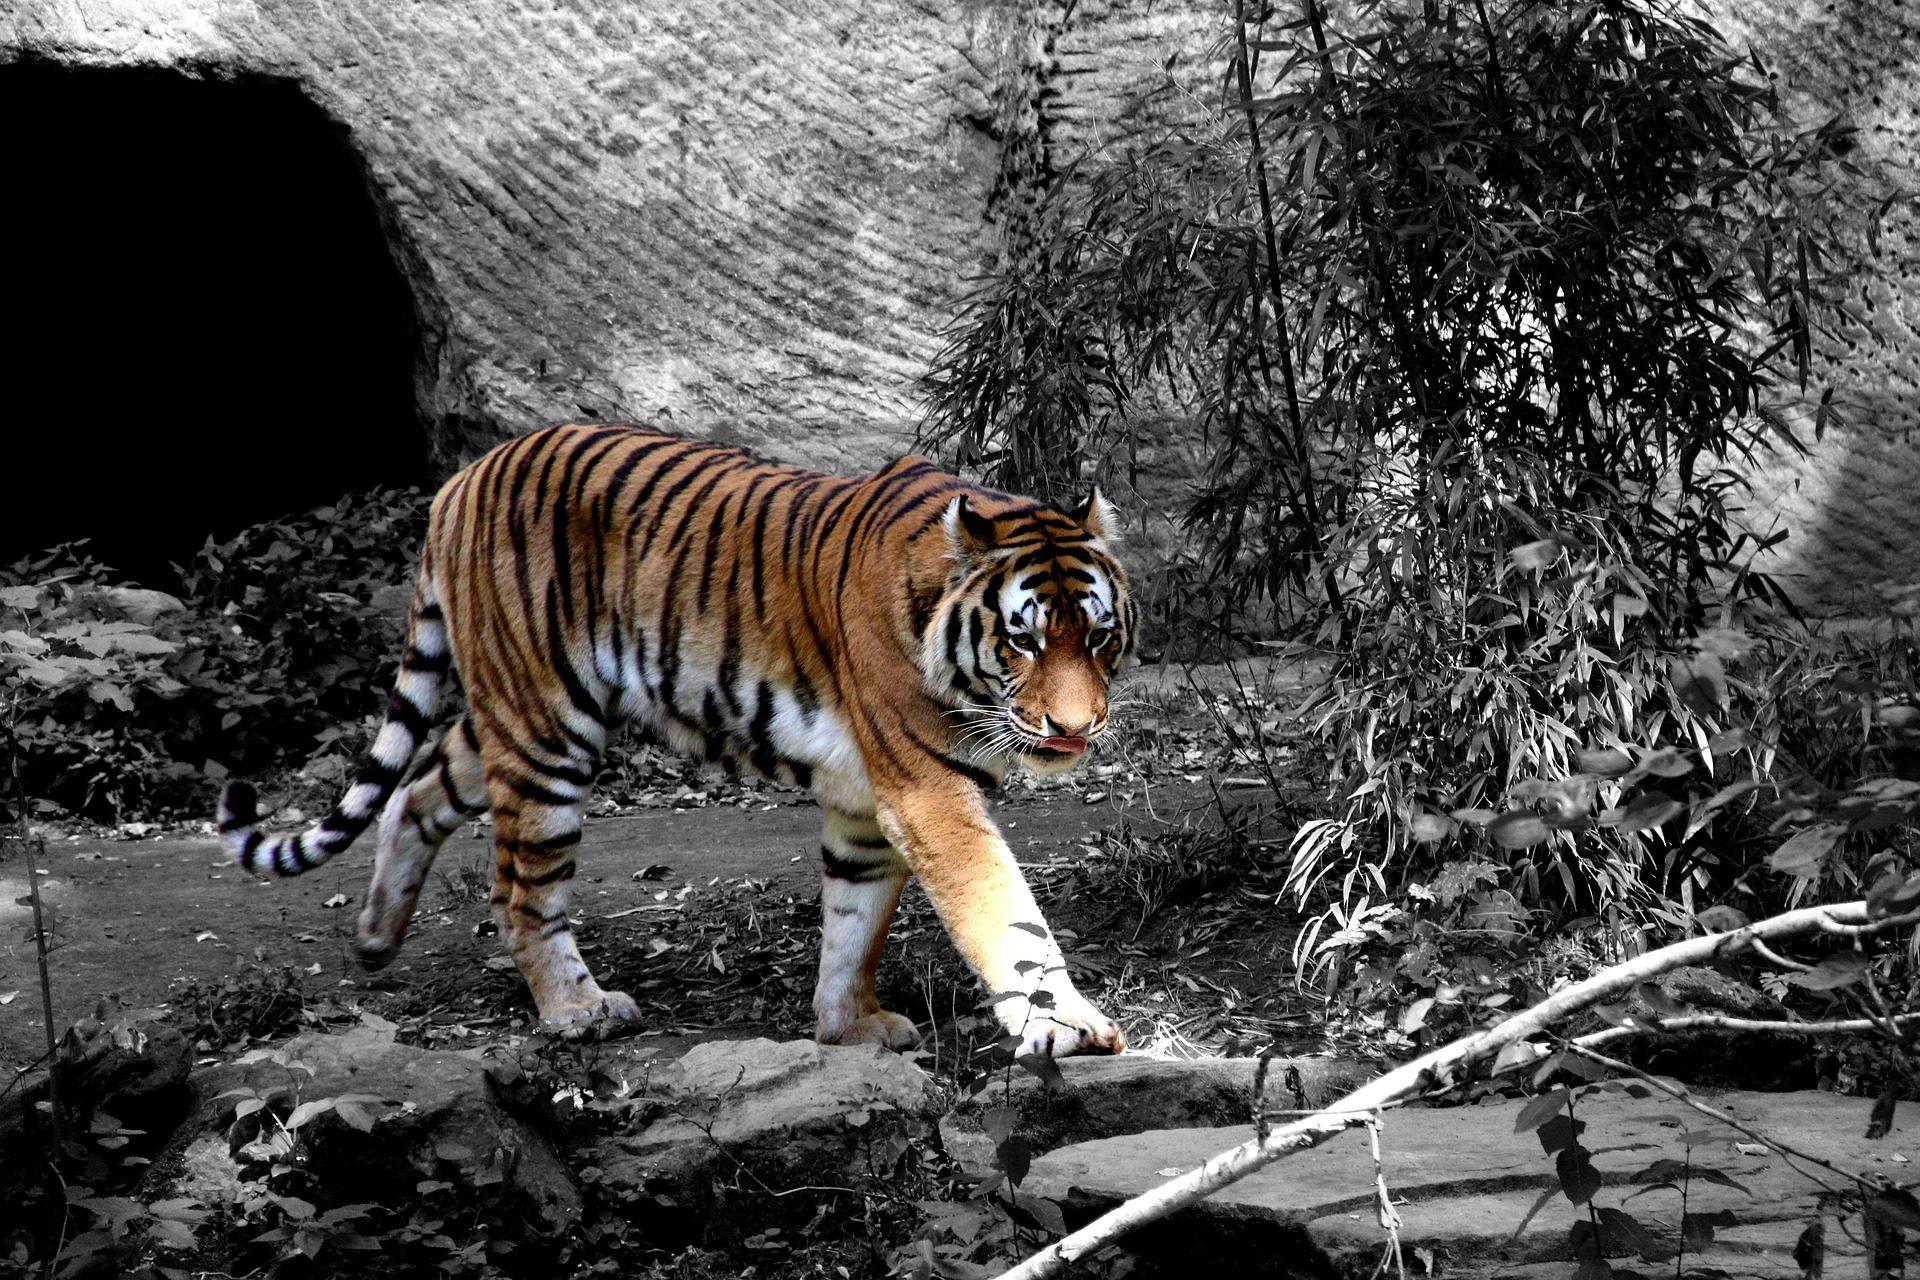 Tigre, felino, Predator, Stripes, in bianco e nero - Sfondi HD - Professor-falken.com